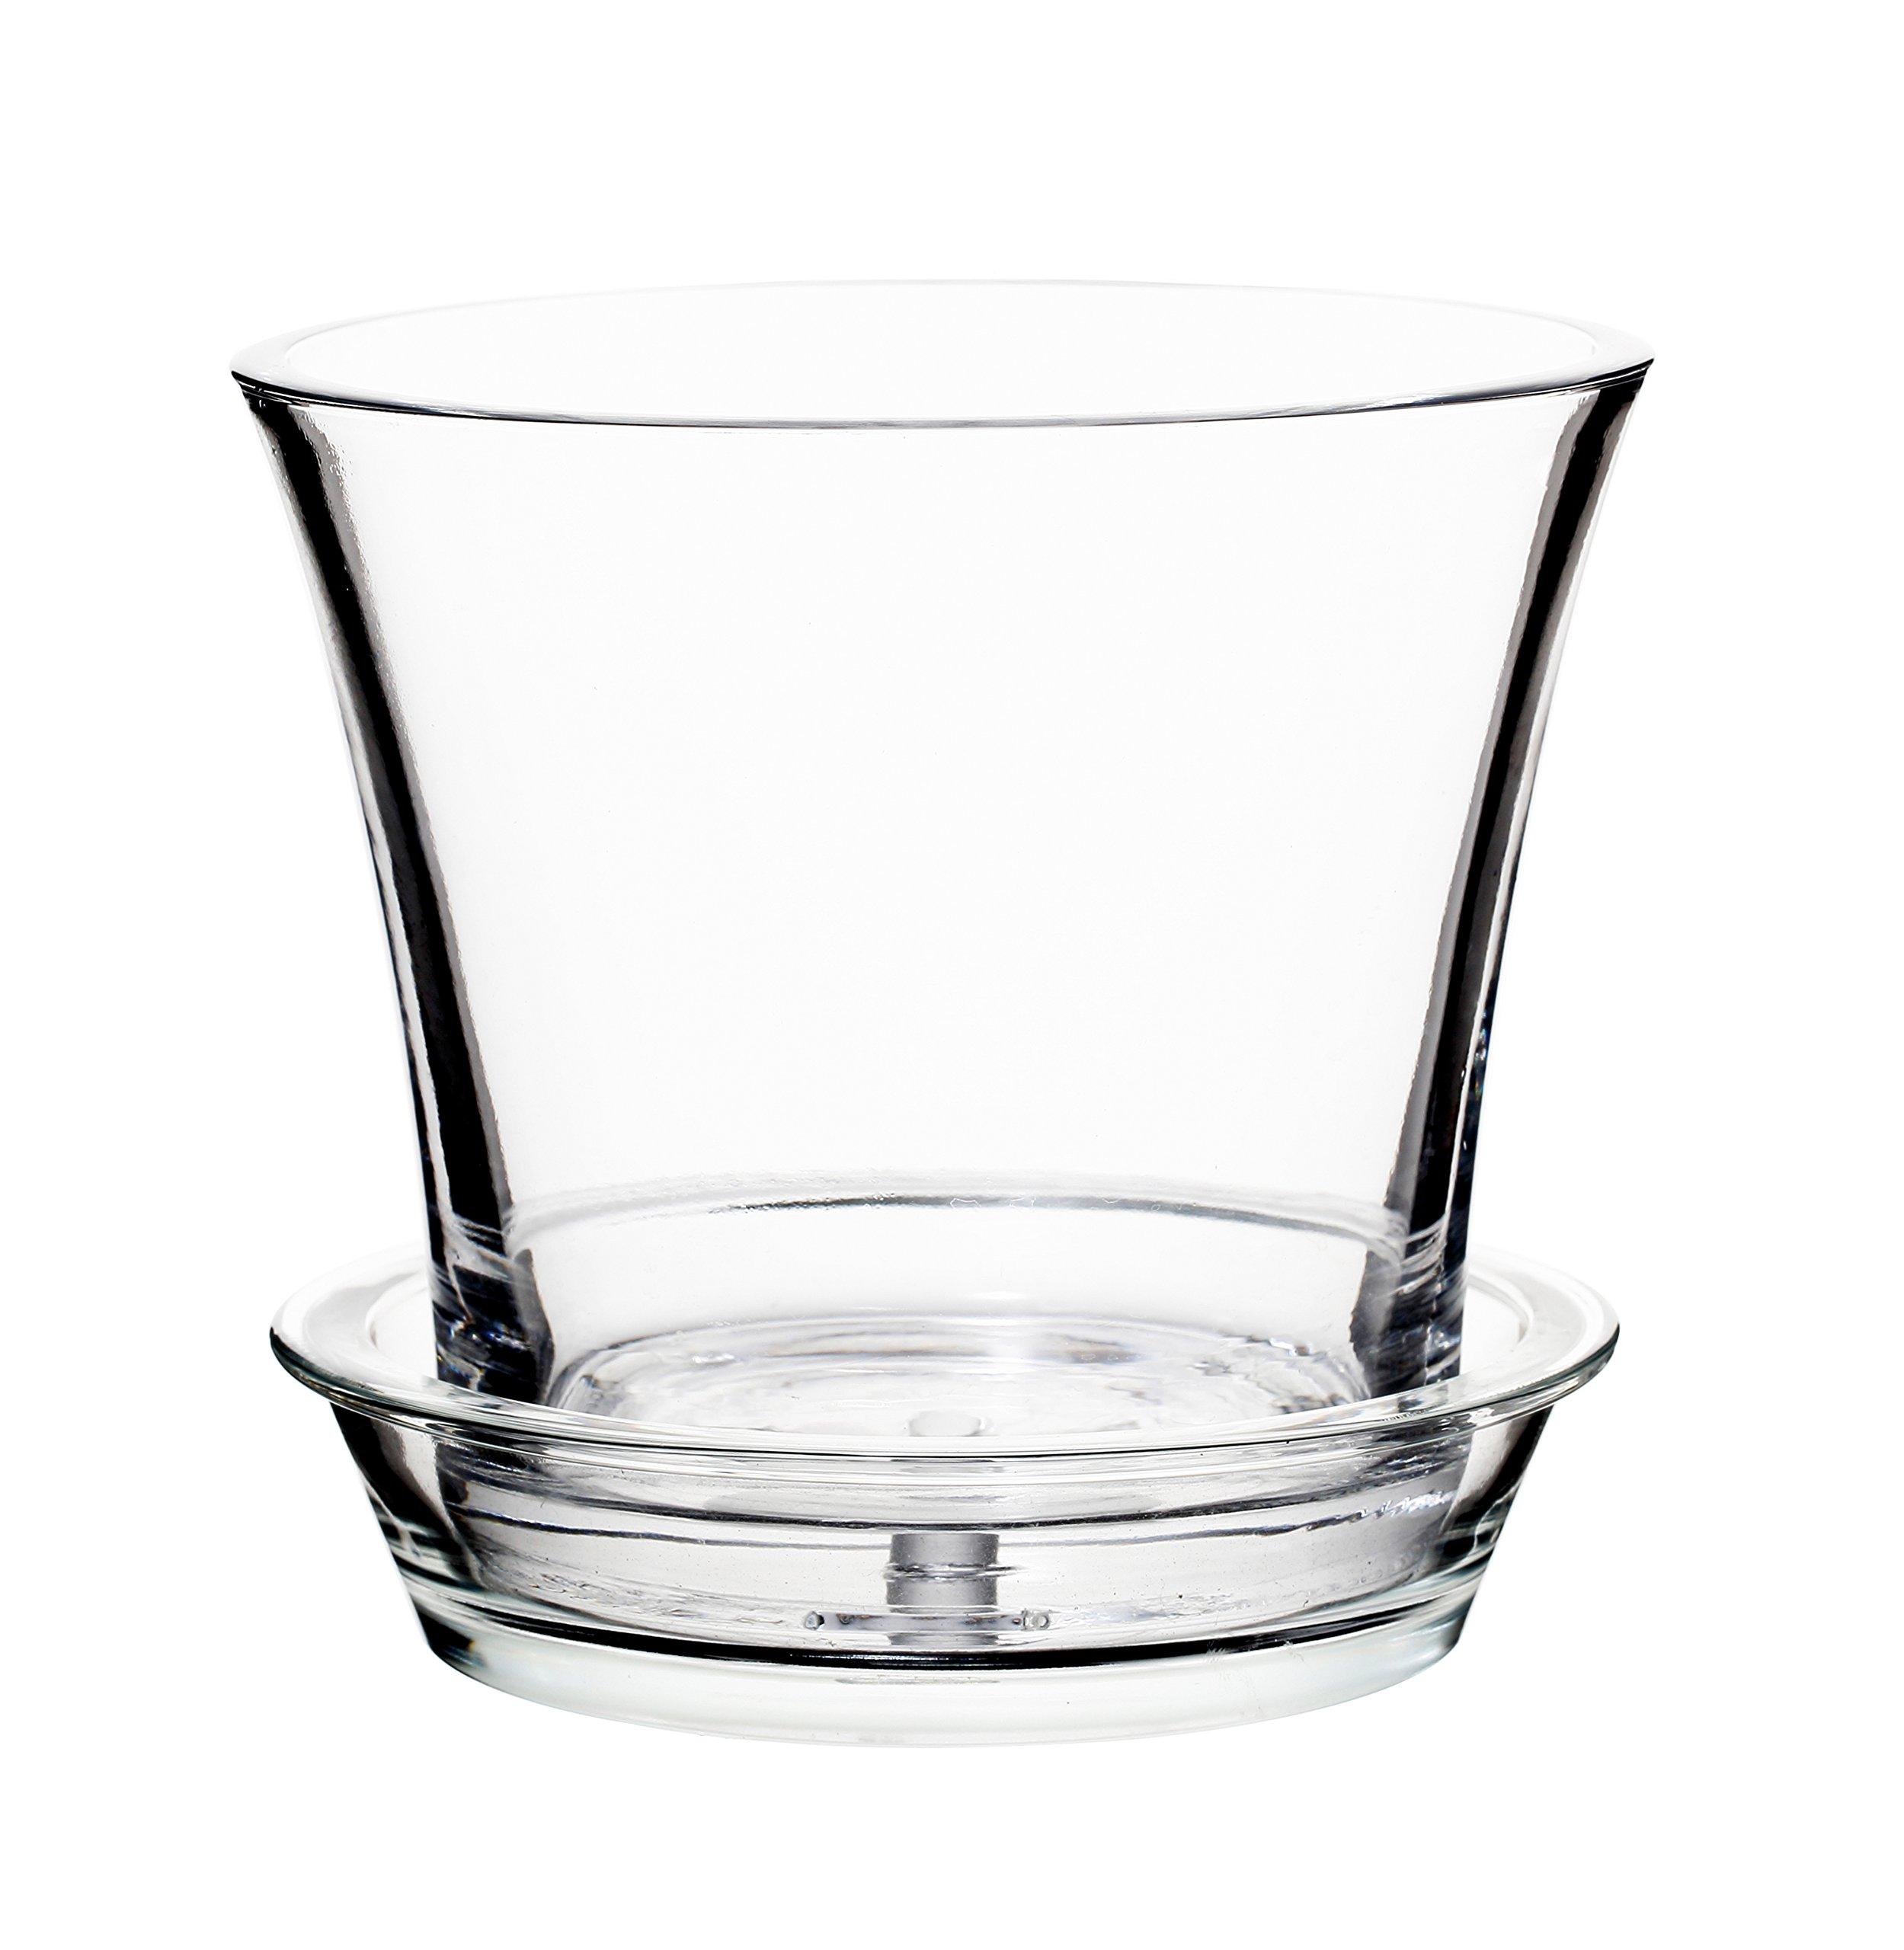 225 & Glass Flower Pots: Amazon.com